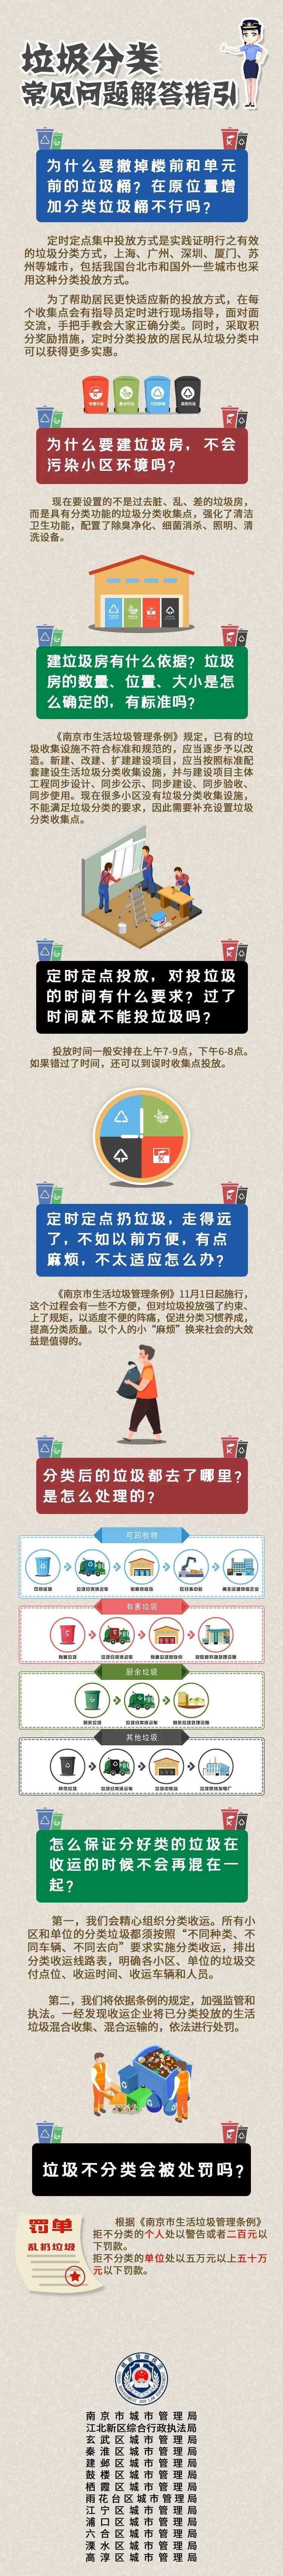 南京垃圾分类你知道如何分了吗?